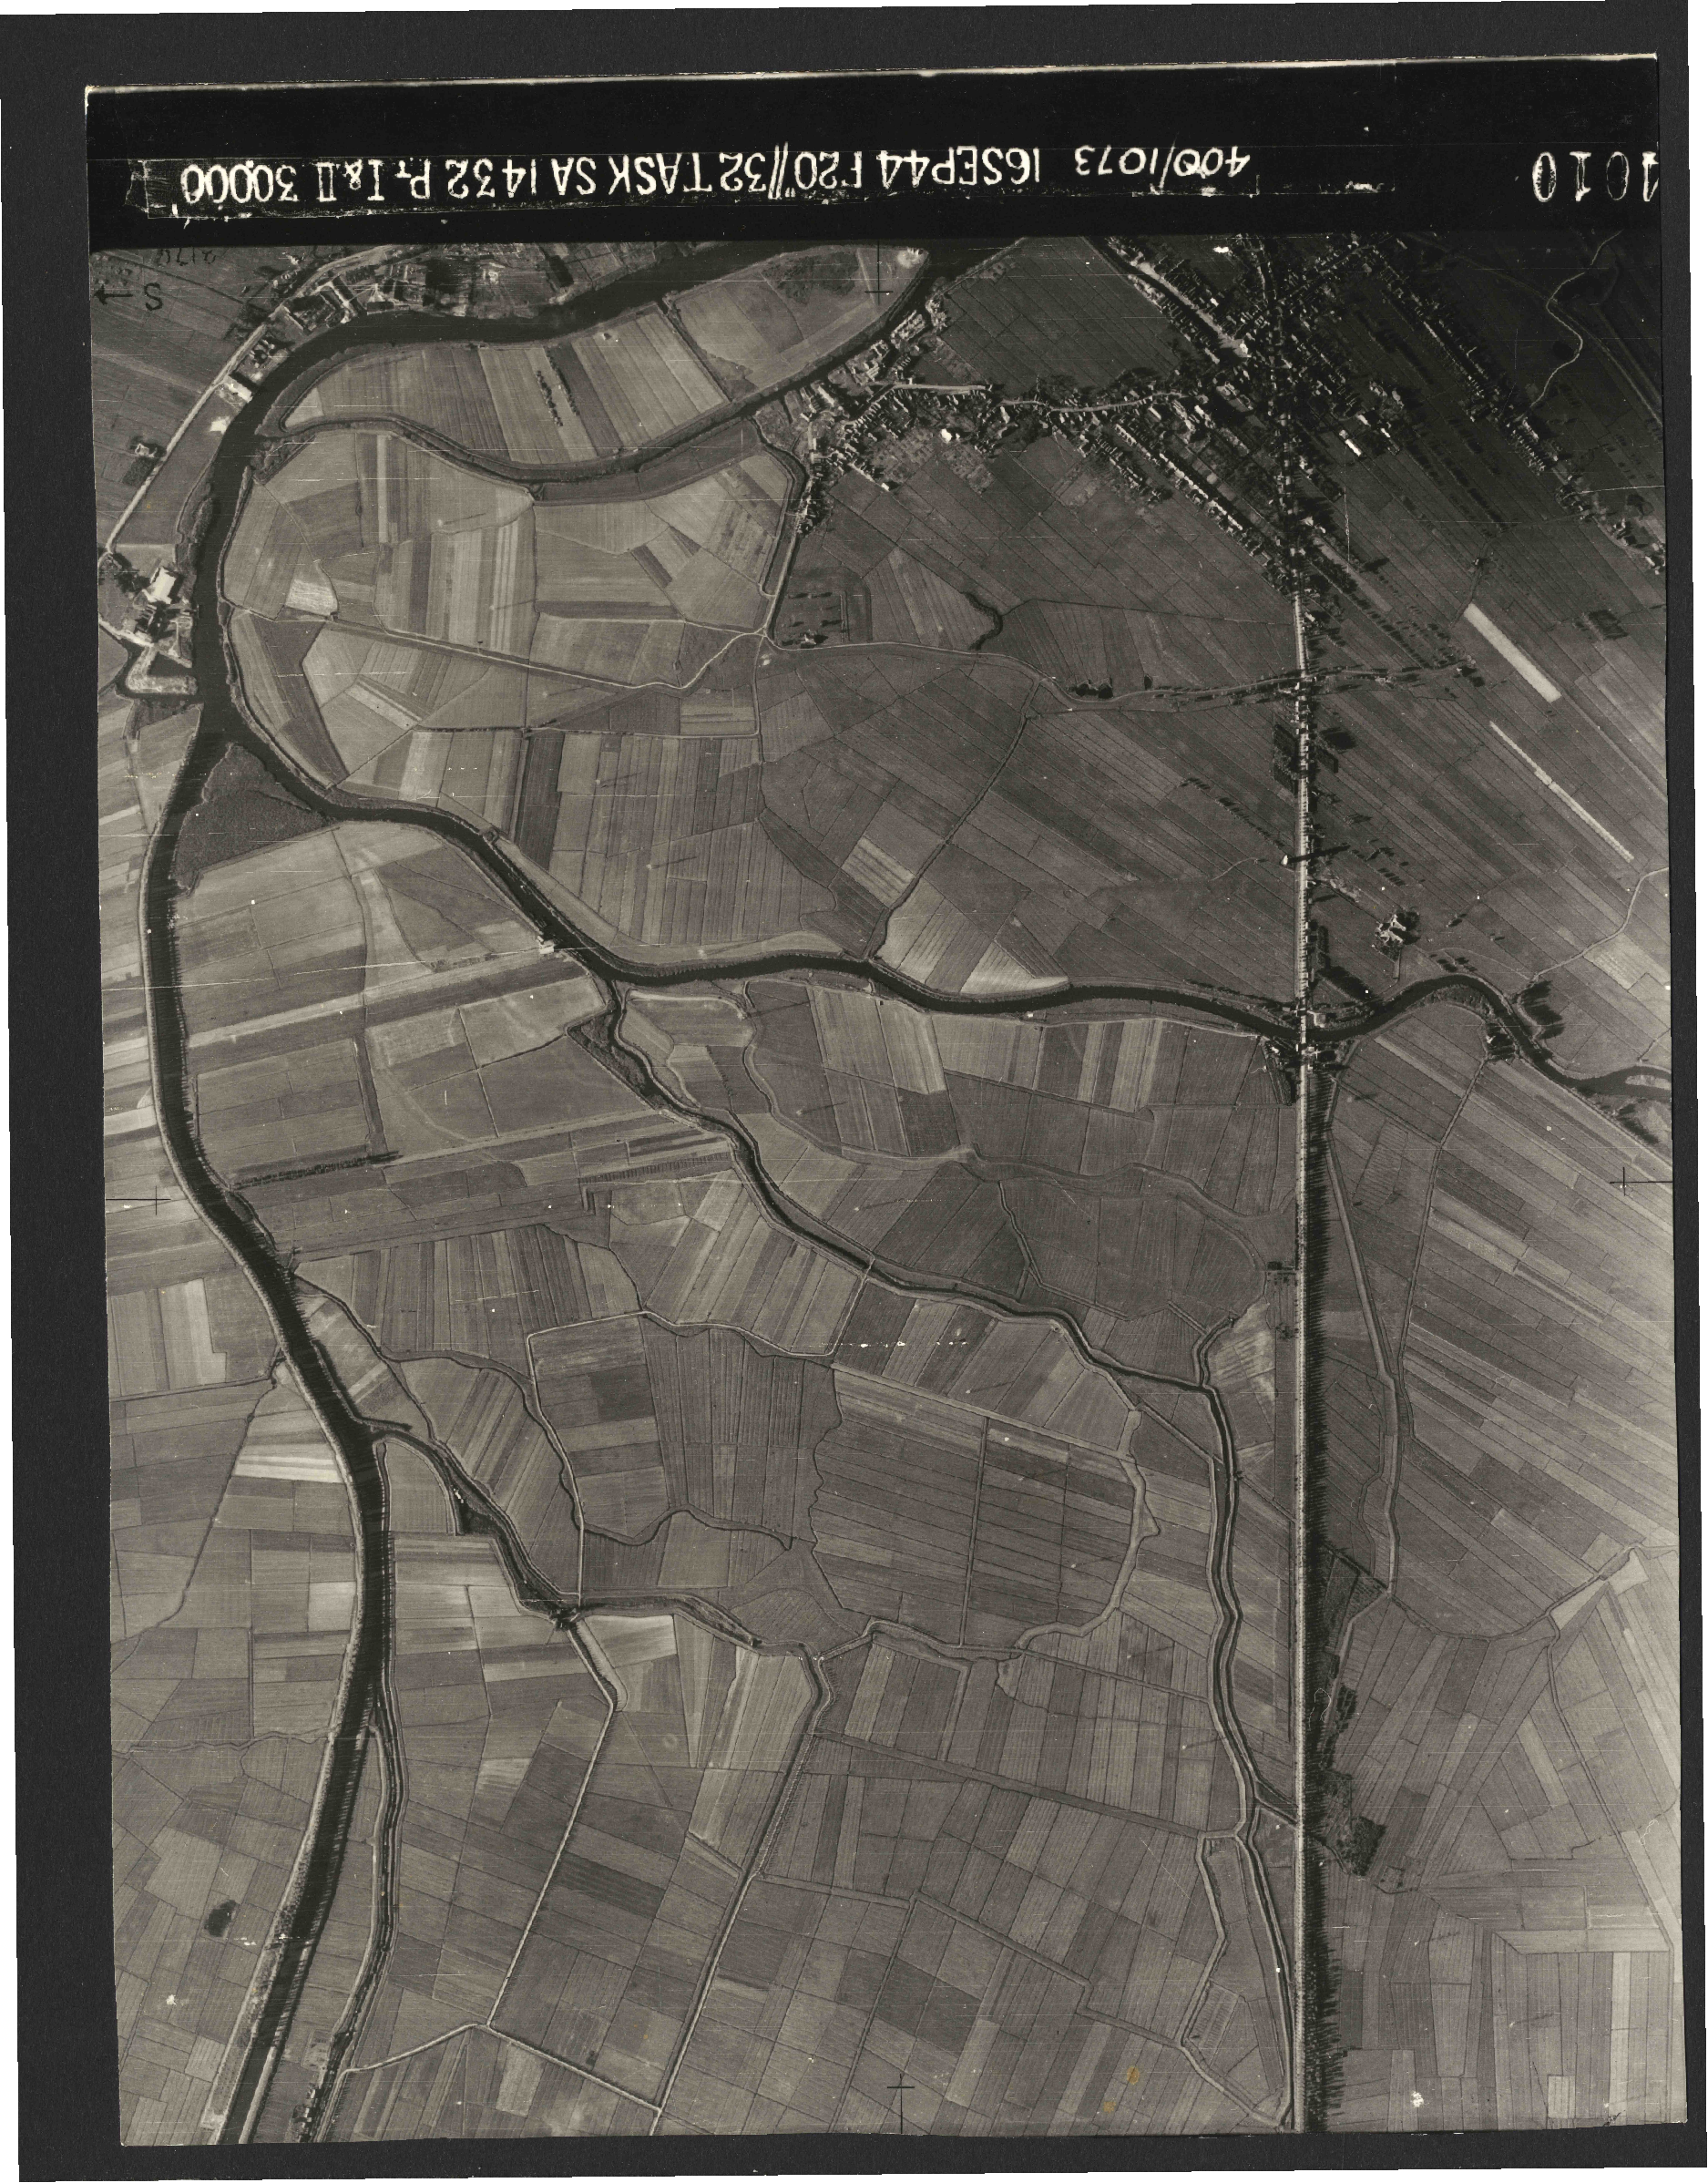 Collection RAF aerial photos 1940-1945 - flight 013, run 09, photo 4010